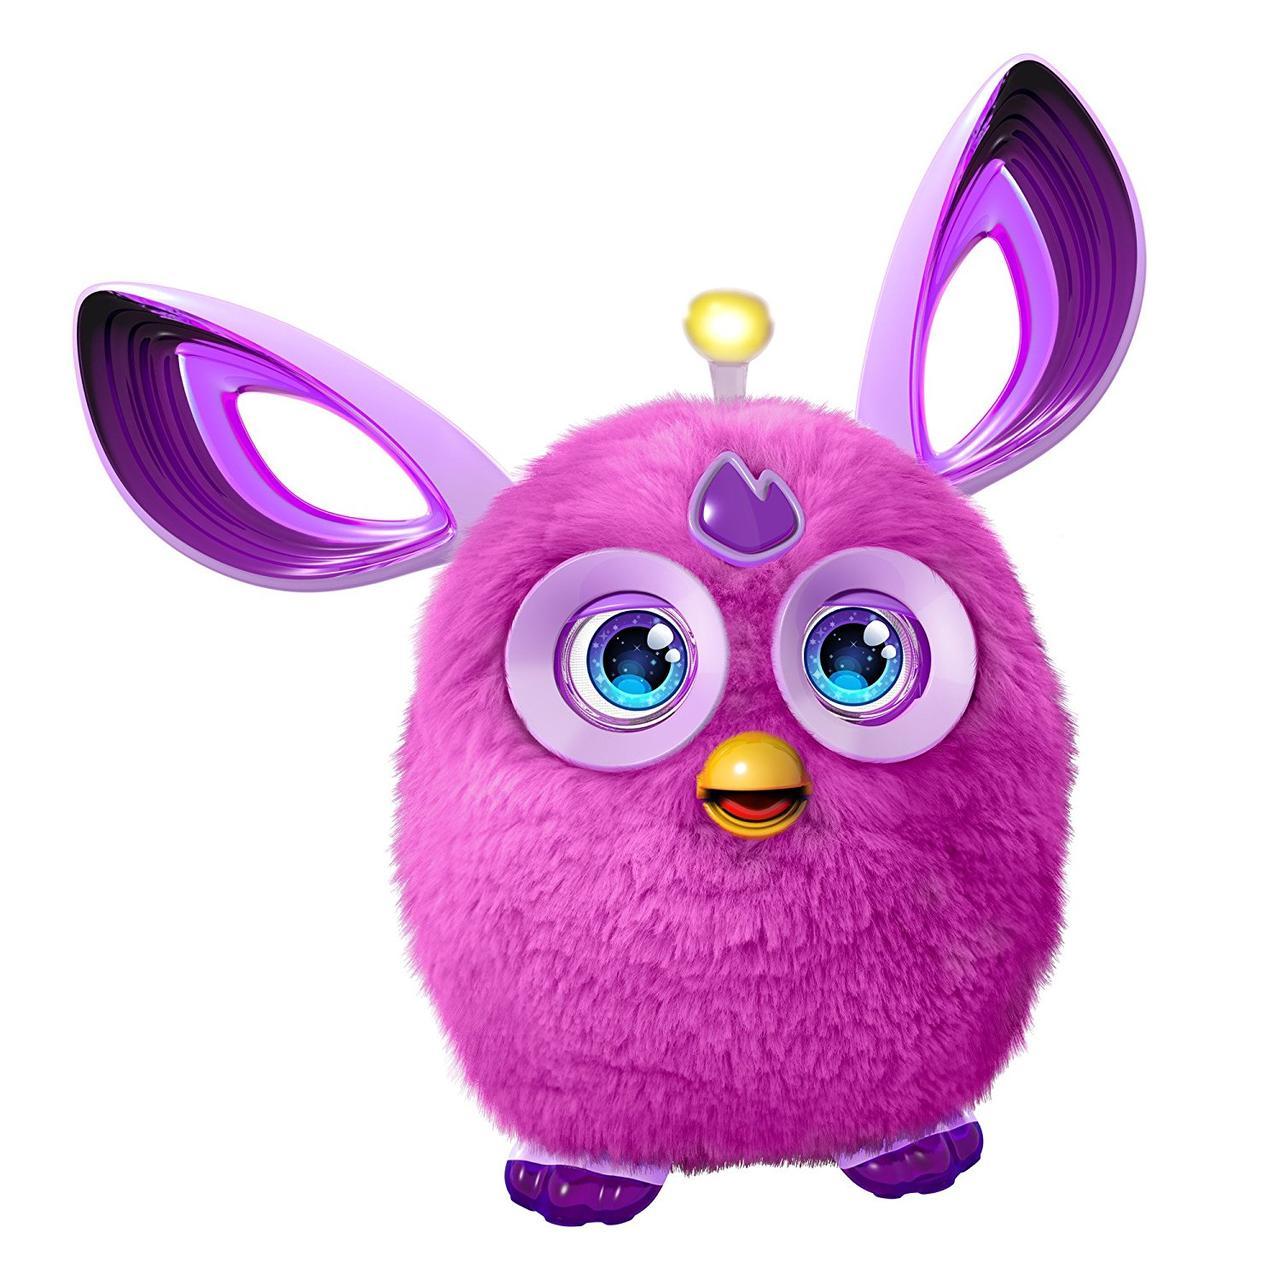 Ферби Коннект фиолетовый англоязычный Furby Connect Friend Purpl Hasbro